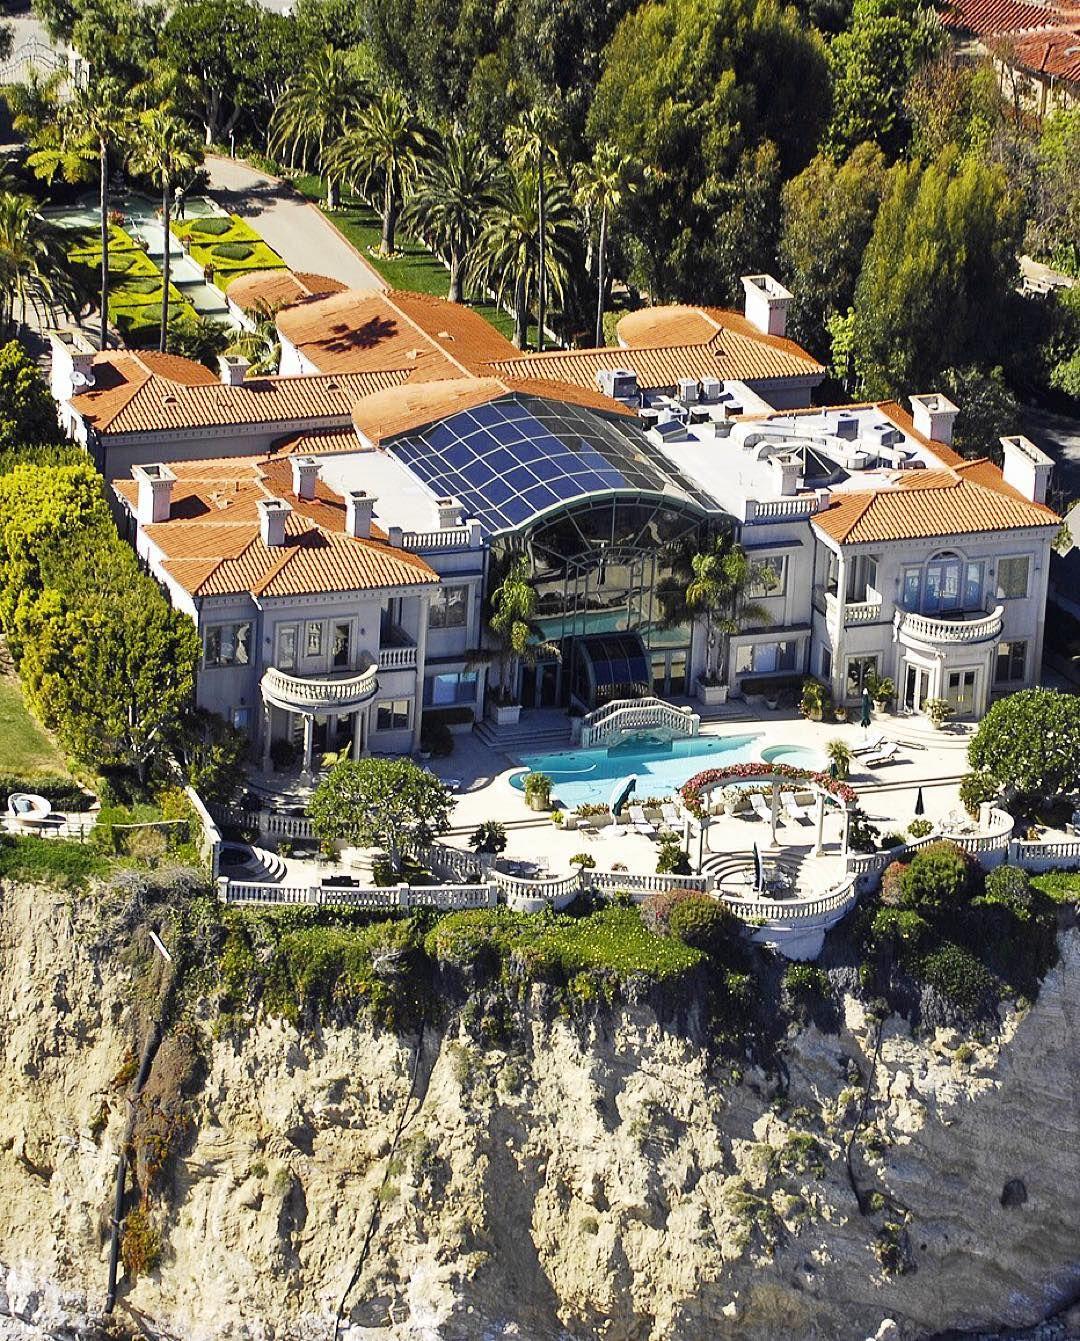 62 000 000 Cliffside Oceanfront Mega Mansion In Malibu